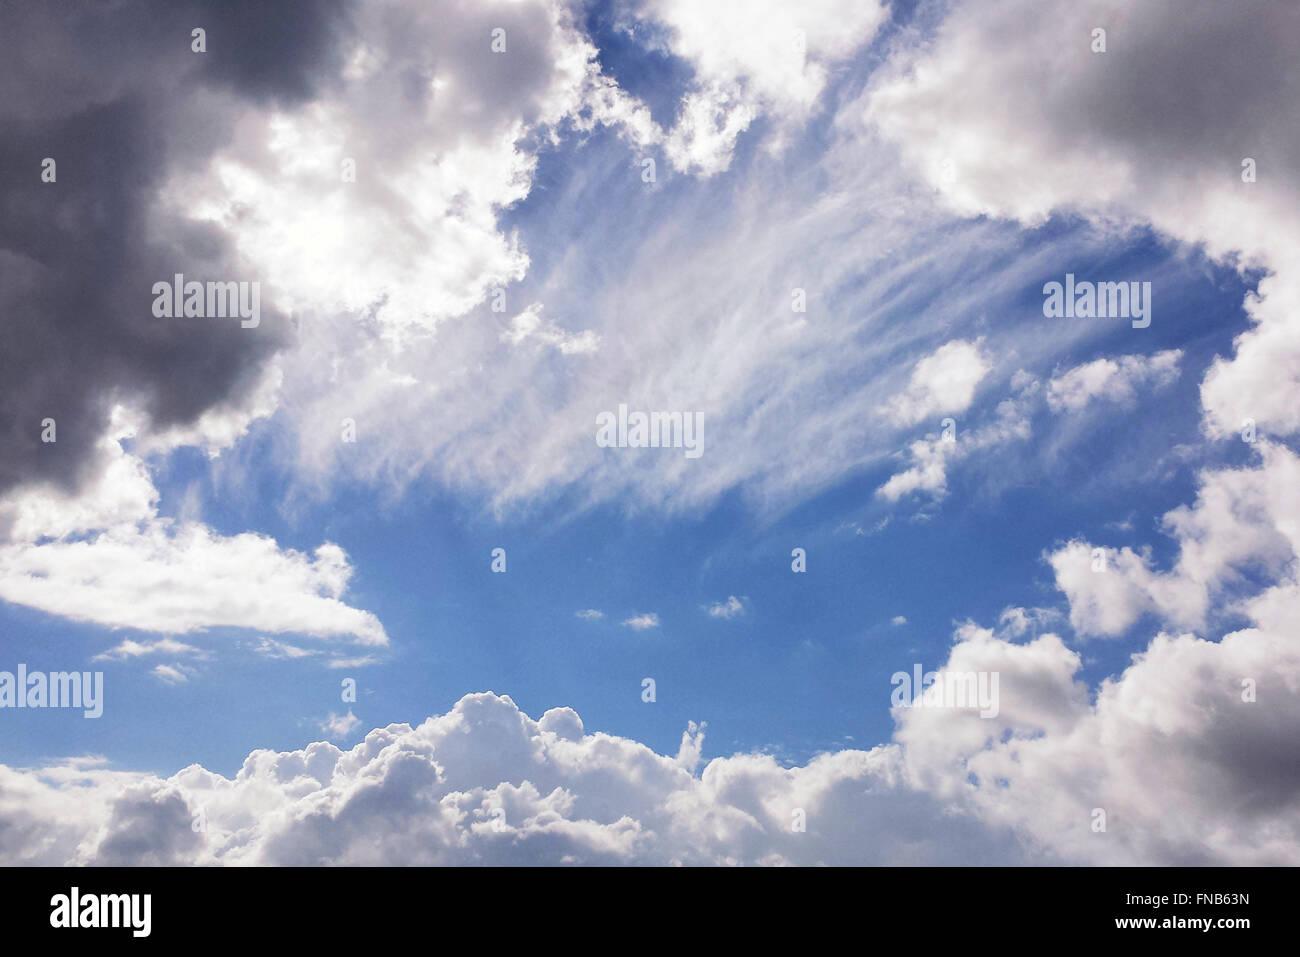 Himmel Wolke blauer Hintergrund Stockbild